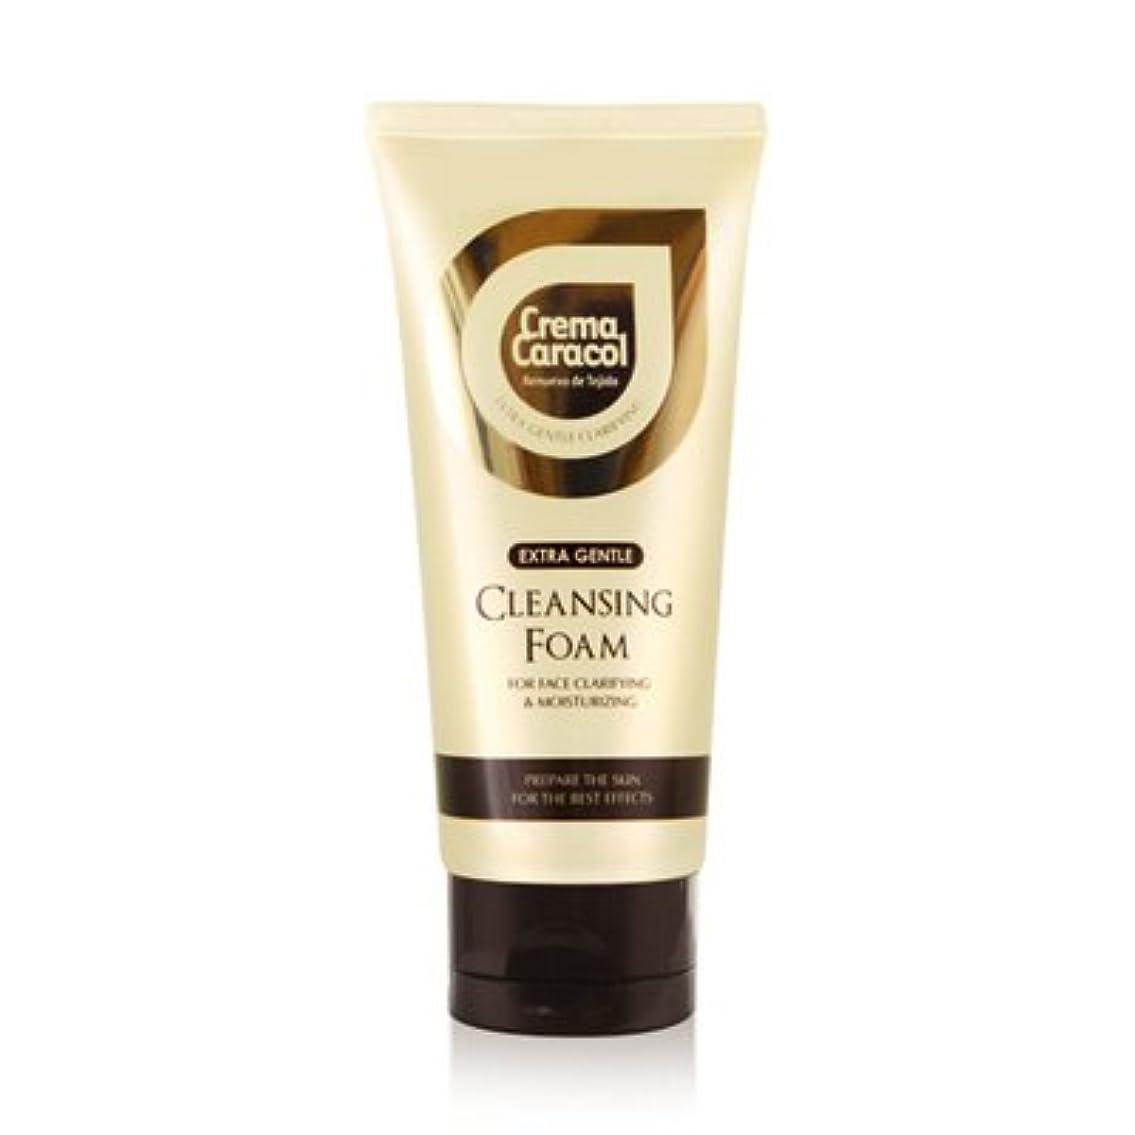 ひらめき私たちのフライカイトジャミンギョン [Jaminkyung] Crema Caracol Extra Gentle Cleansing Foam175ml エクストラジェントル カタツムリクレンジングフォーム175ml